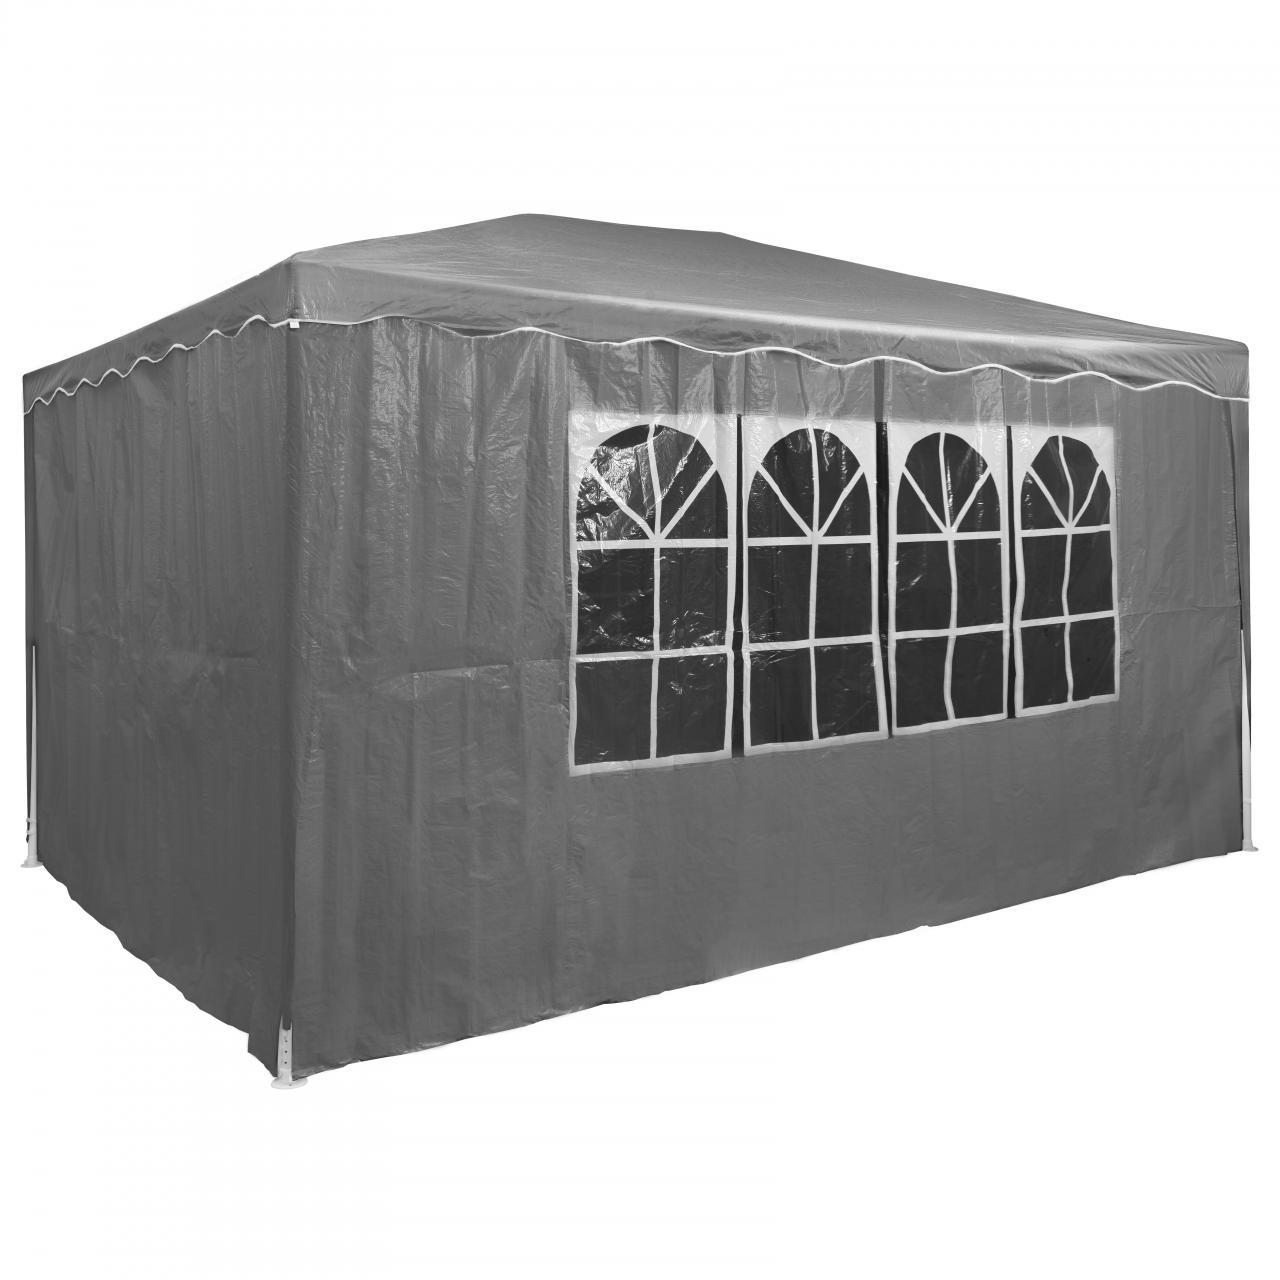 Partyzelt-Festzelt-3x4m-Gartenpavillon-Gartenzelt-Bierzelt-Zelt-Pavillon